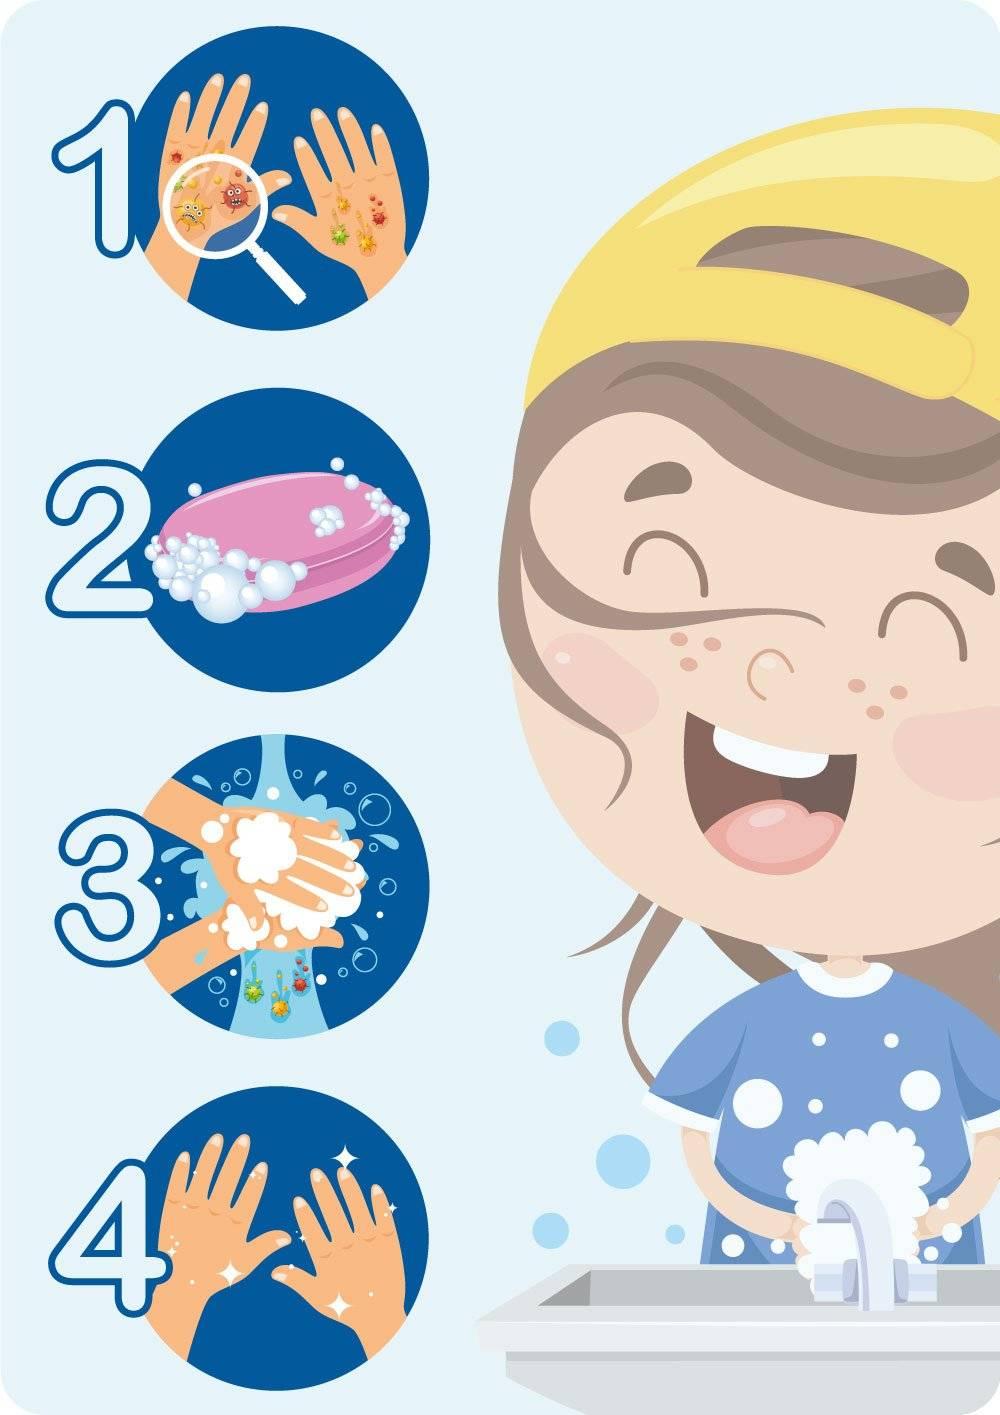 Vask hænder trin-for-trin guide - instruktioner - børn skilt